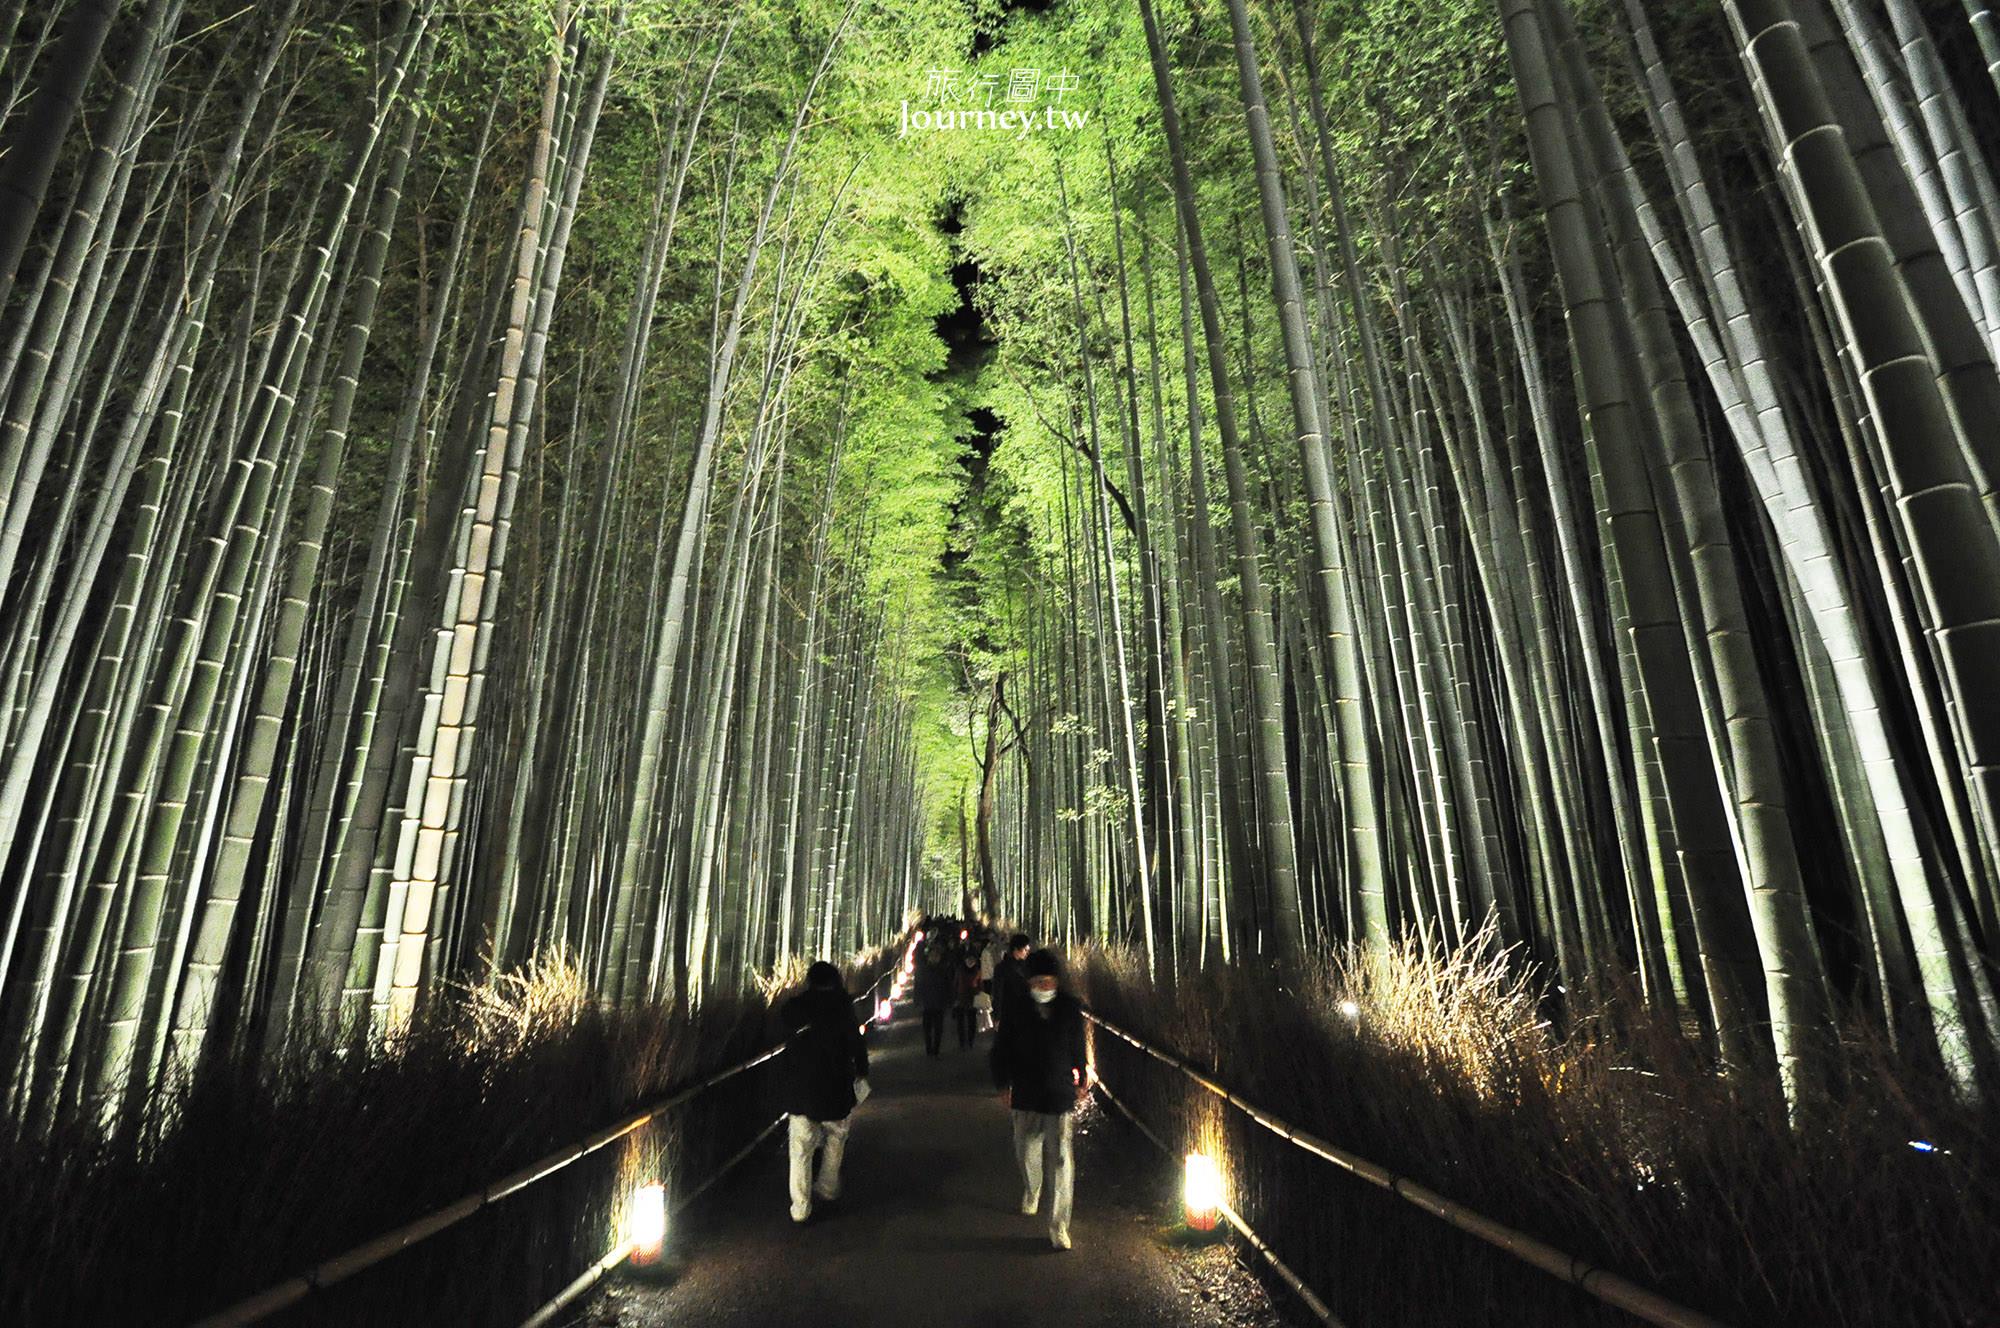 京都,嵐山,嵐山景點,嵐山交通,嵐山住宿,人力車,楓葉,渡月橋,桂川